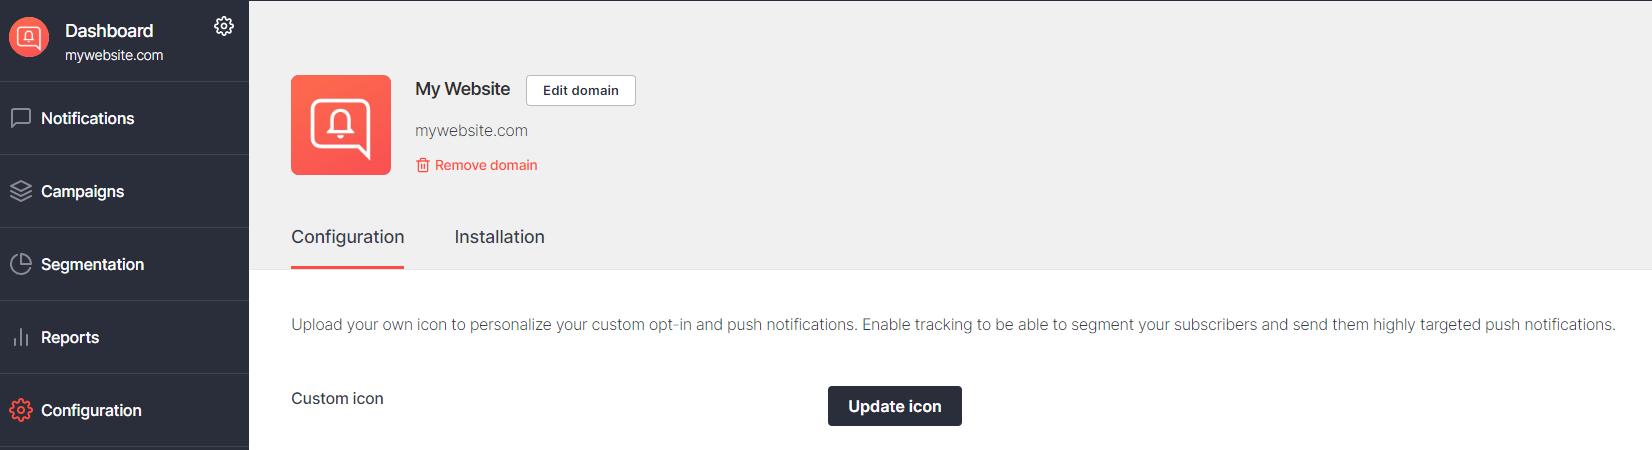 Screenshot of domain edit settings in PushPro portal